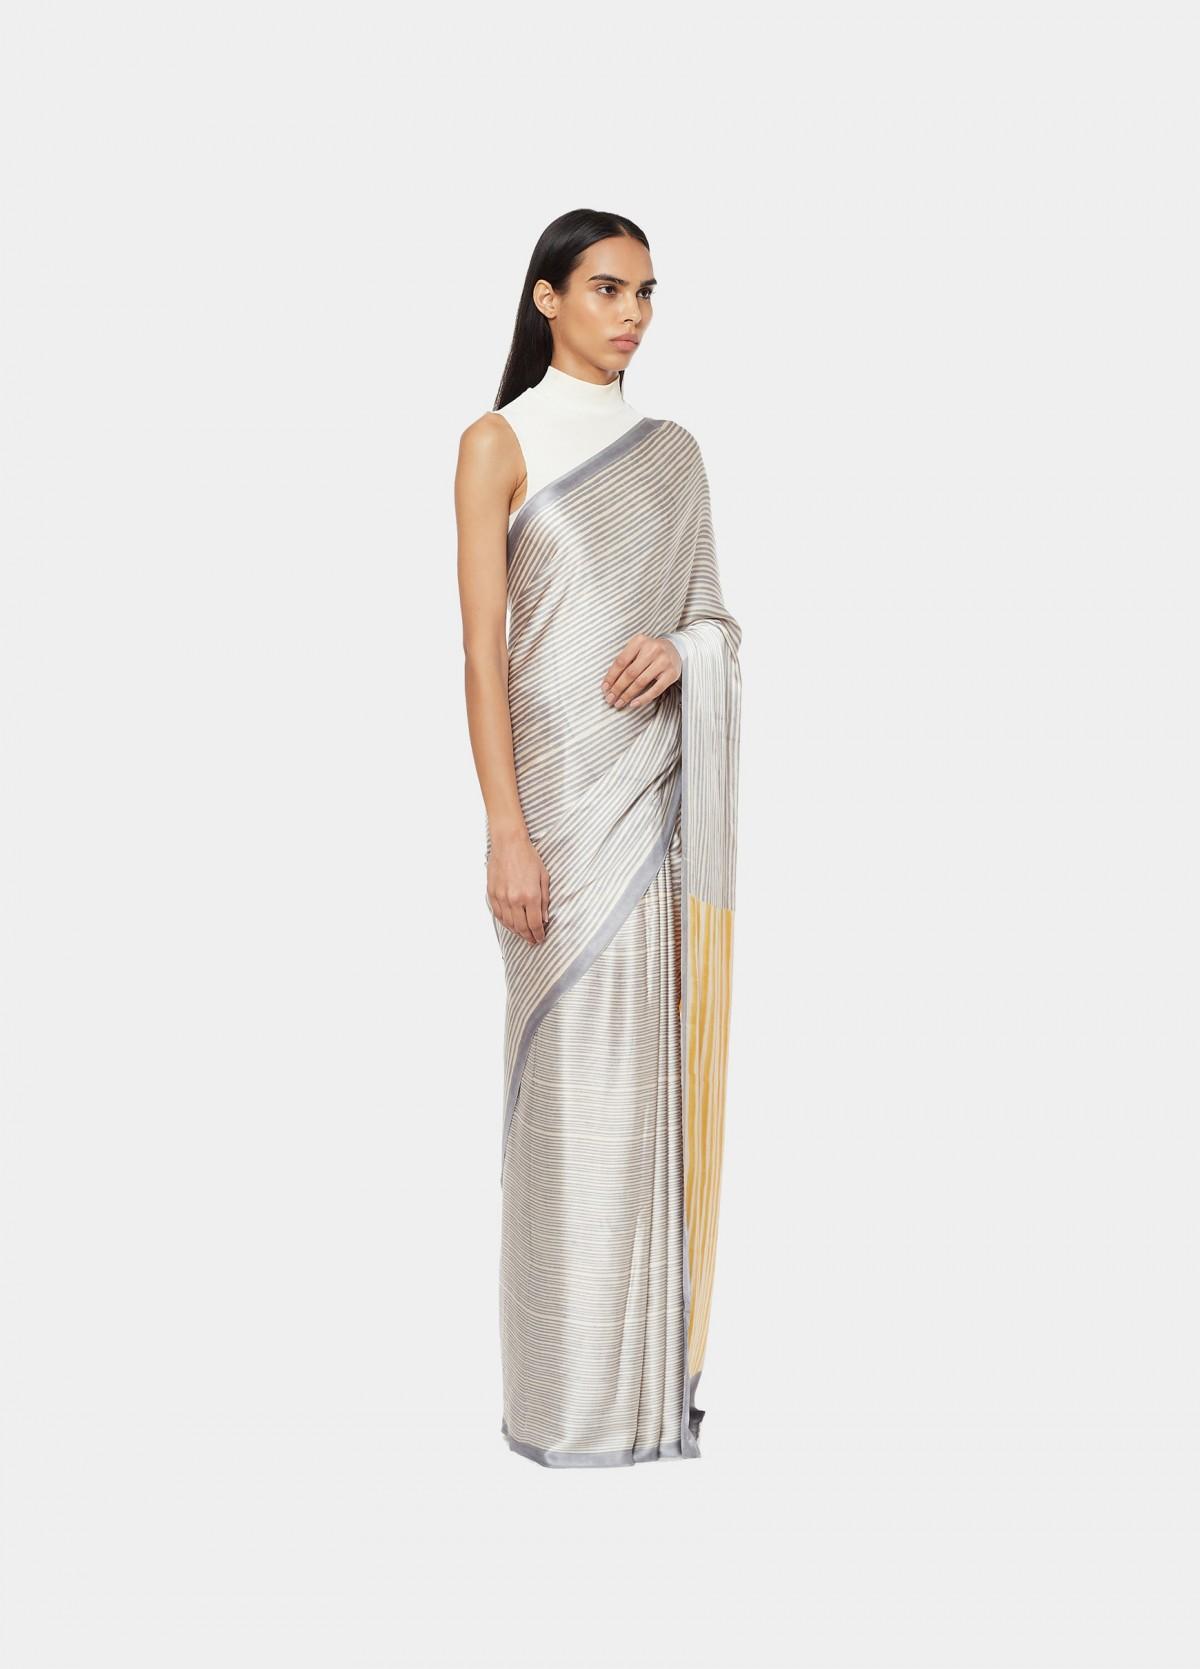 The Dhari Sari